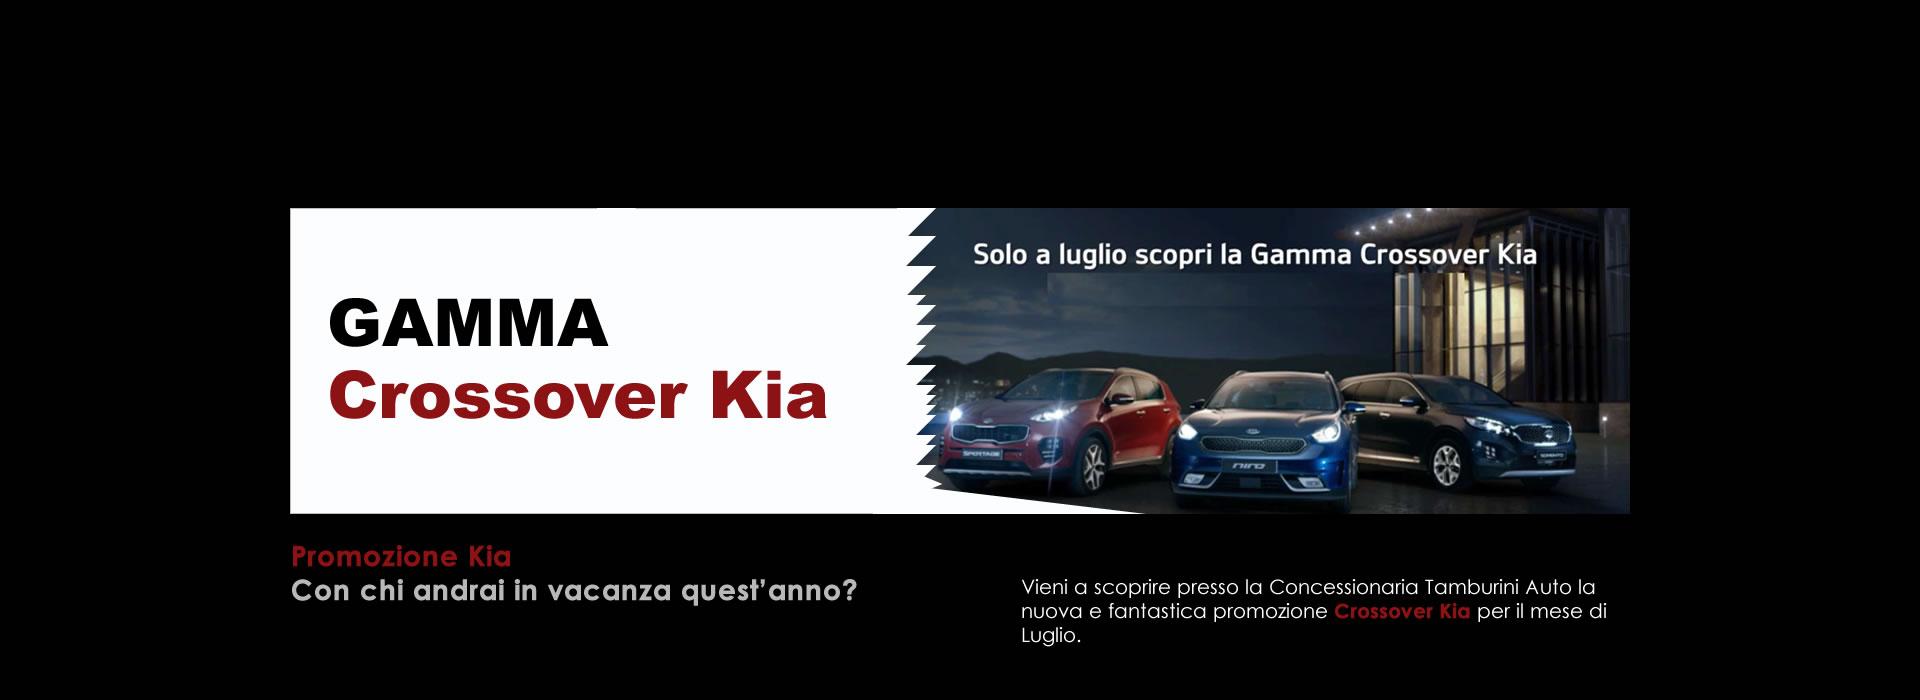 Concessionaria_Tamburini_Auto_Crossover-Kia